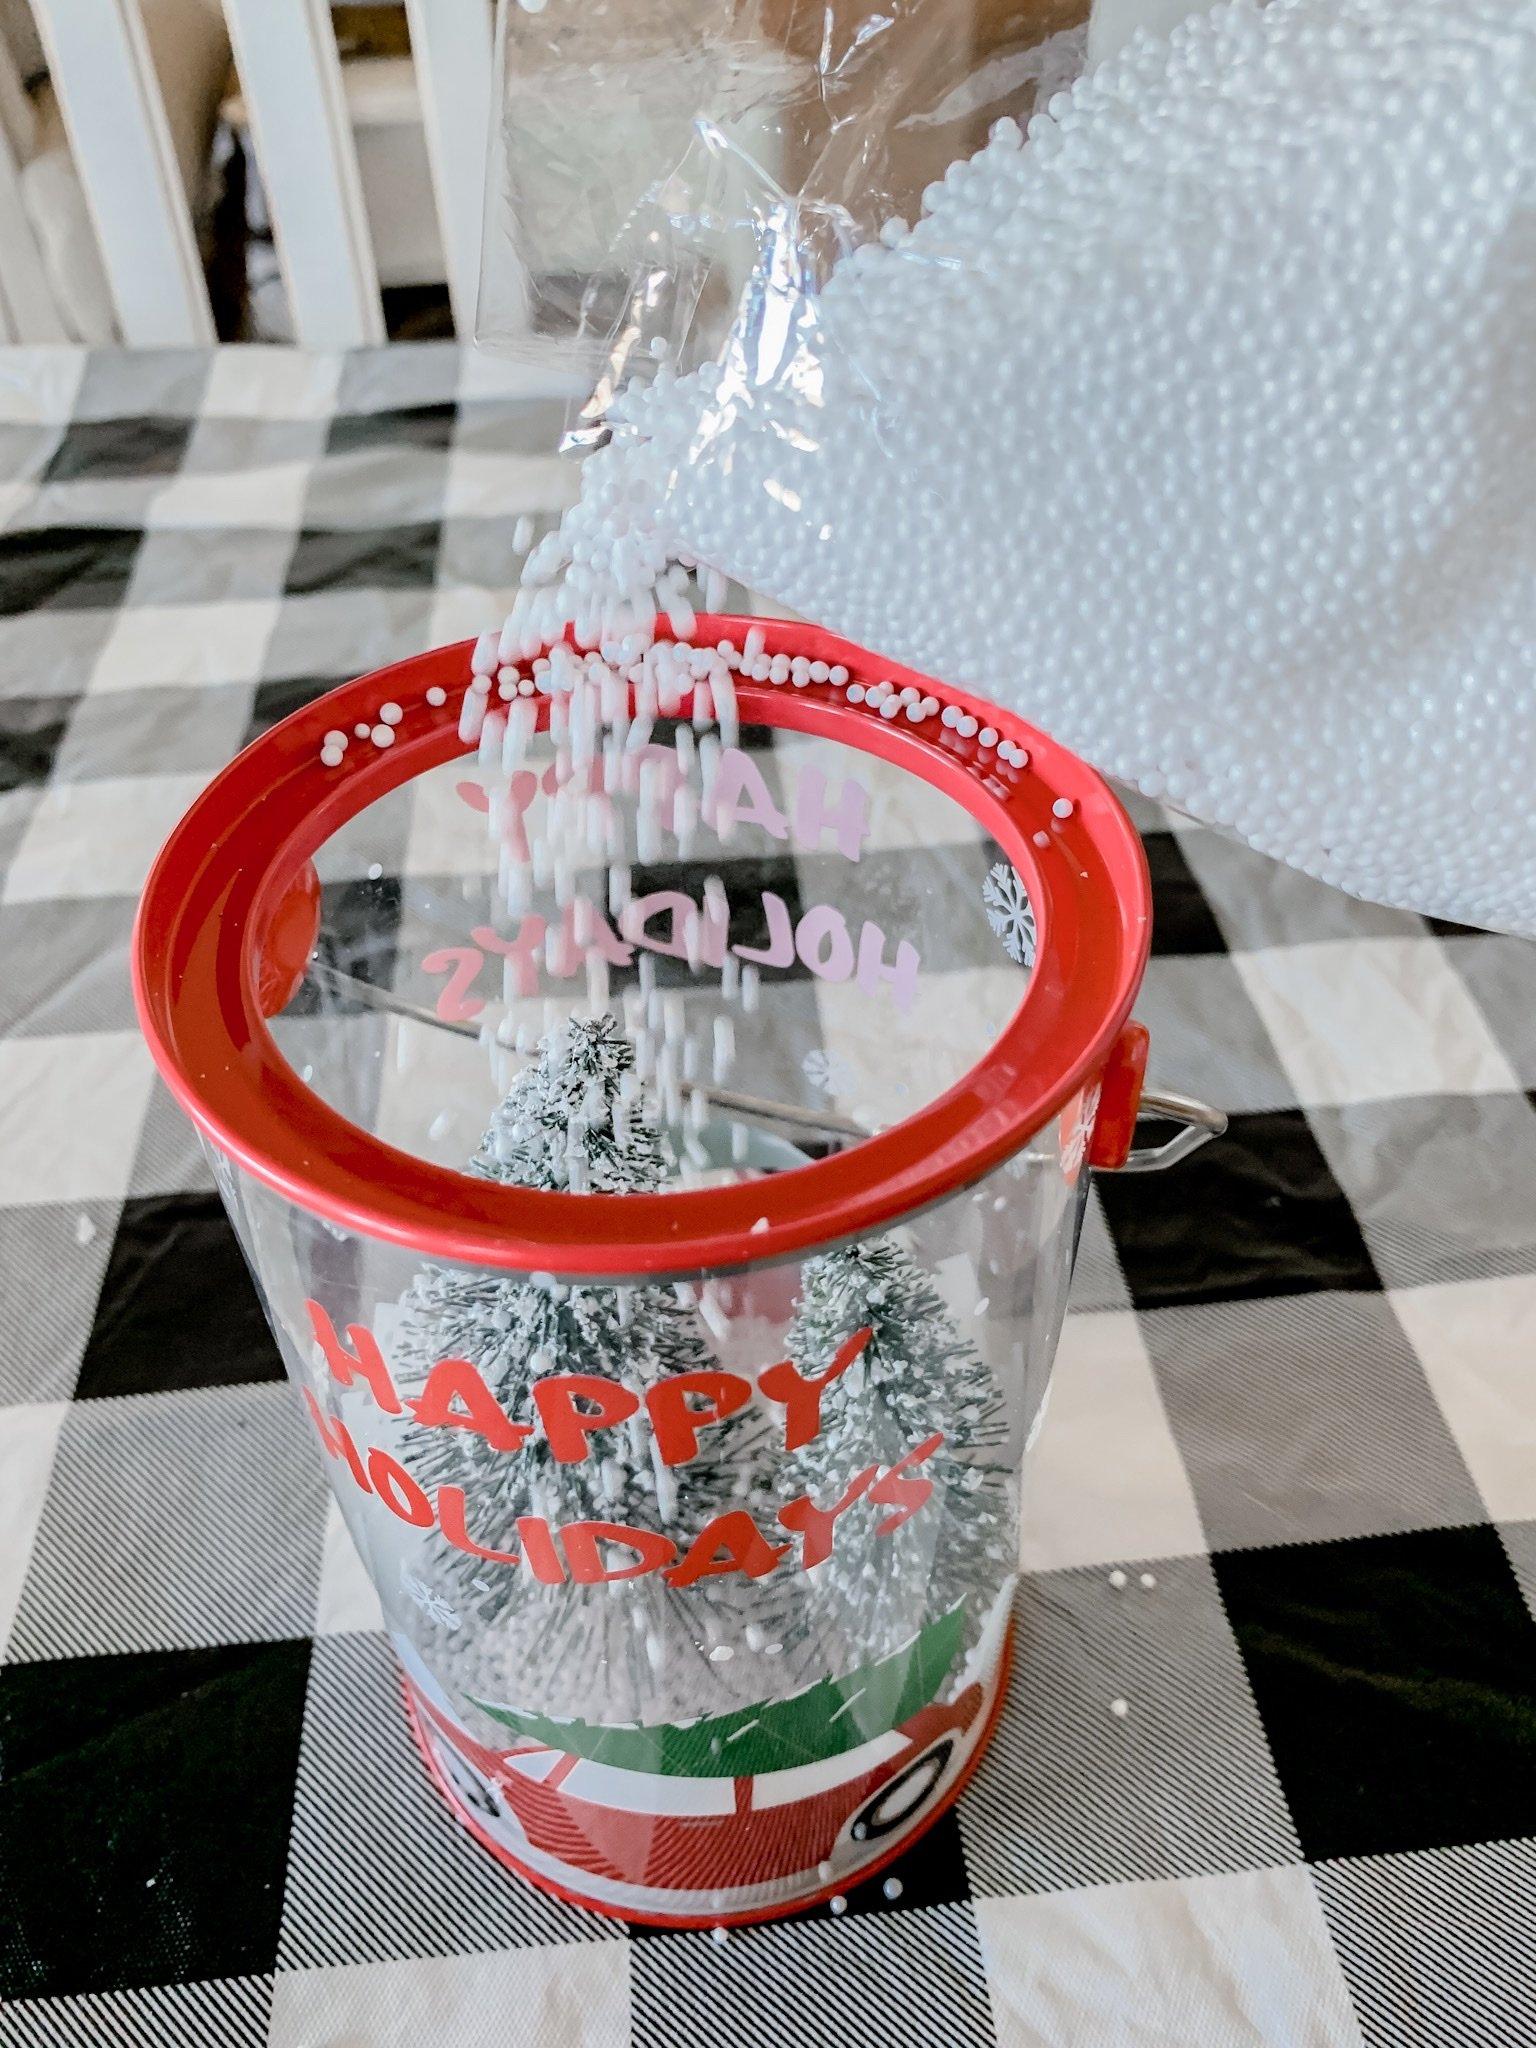 5 minute Christmas craft- DIY snow globe